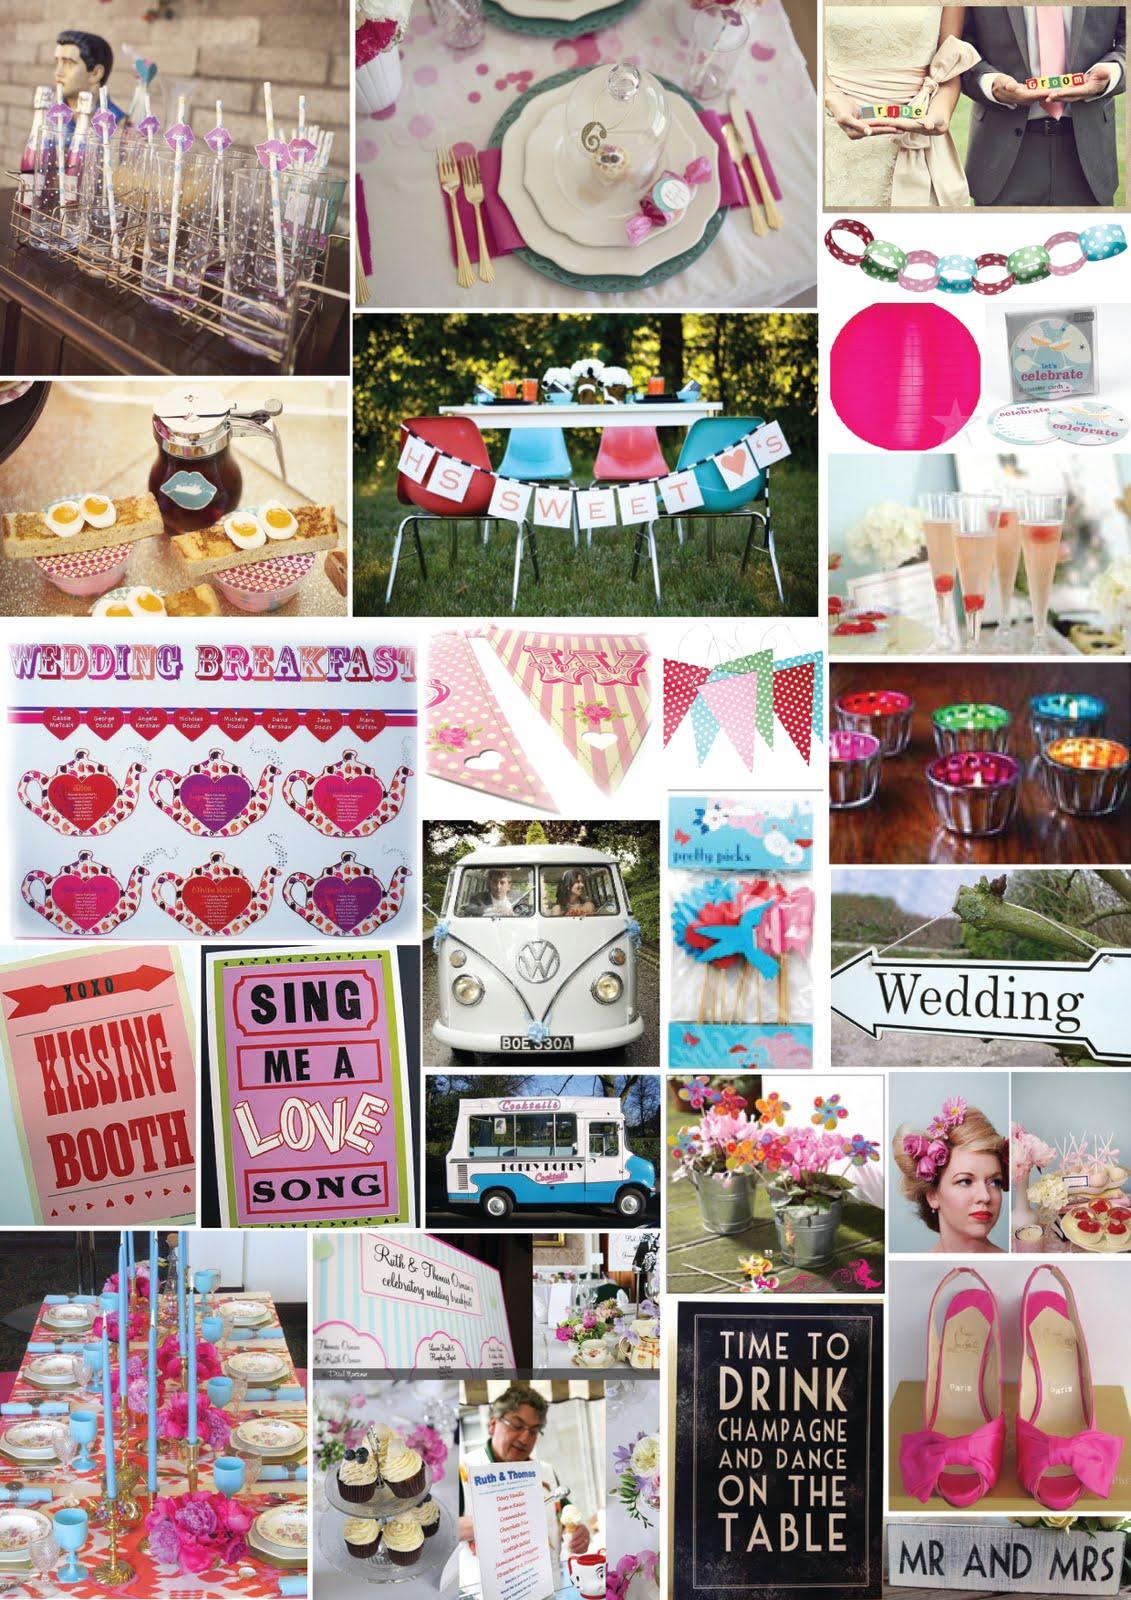 http://3.bp.blogspot.com/-m27RN0Uzvtw/Tfh15sWCwWI/AAAAAAAABIU/YwSYNYPs5O0/s1600/Decoration+copy.jpg